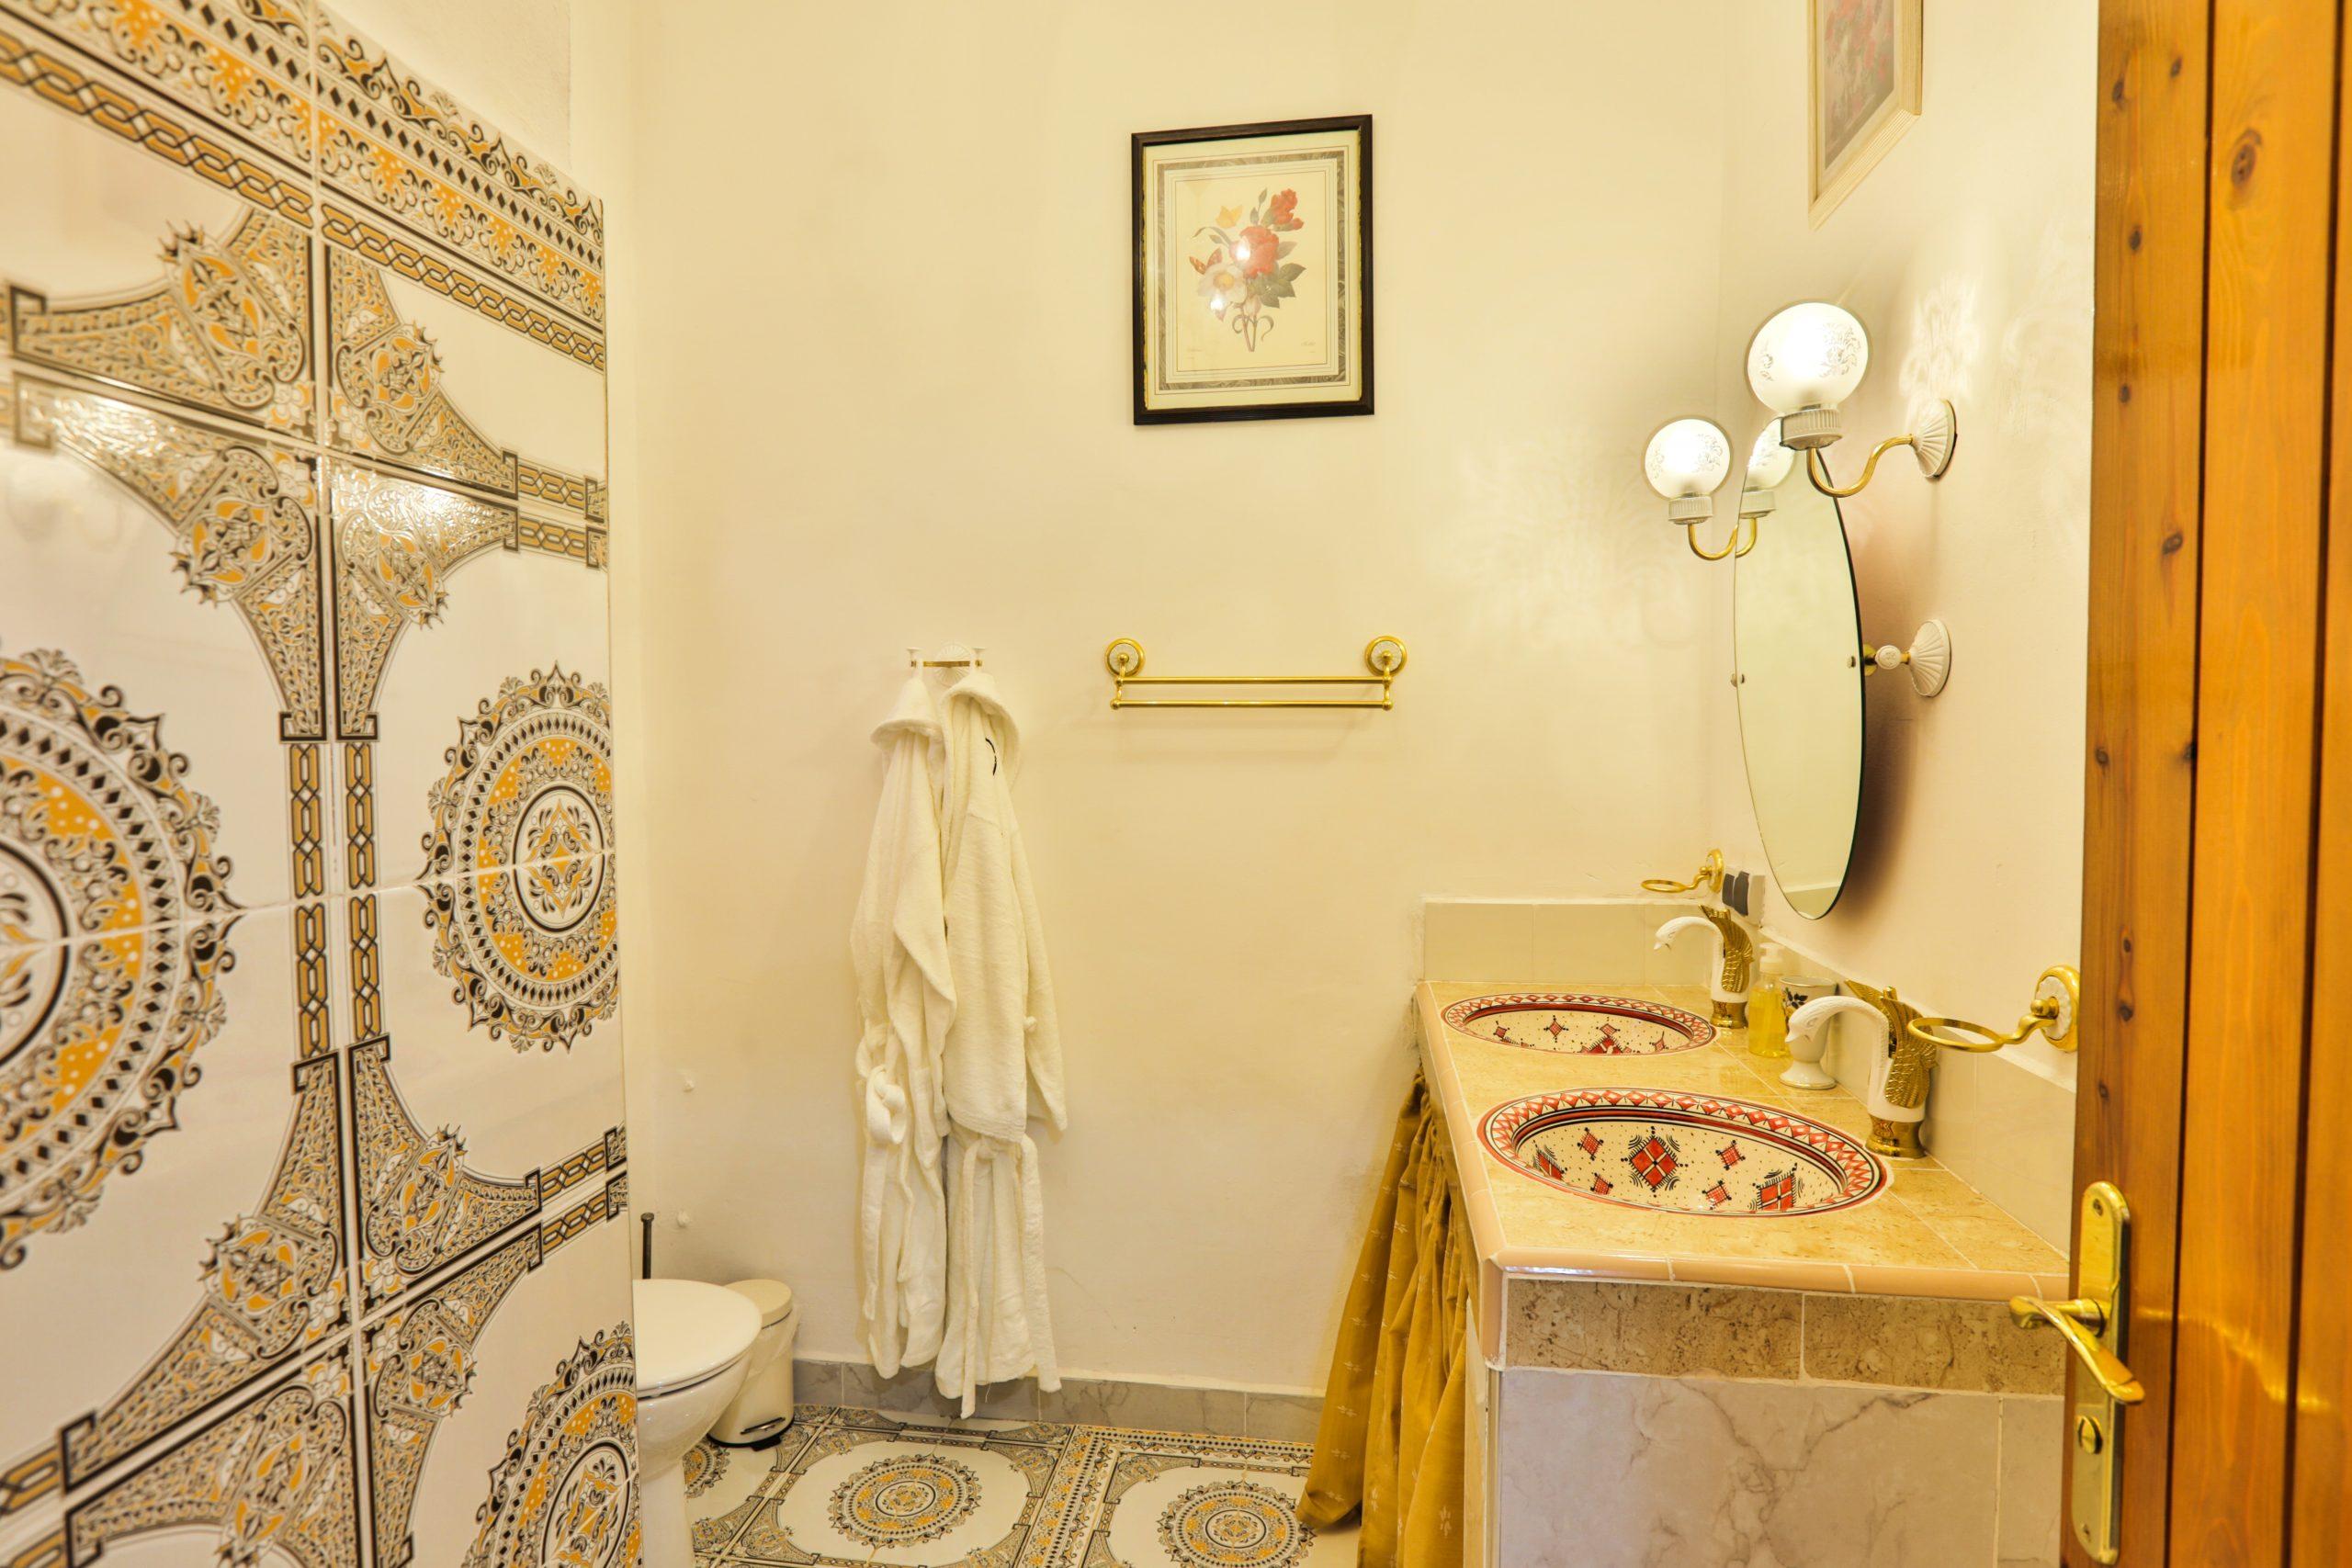 chambre nuptiale a kasba bonheur et bien etre (3)